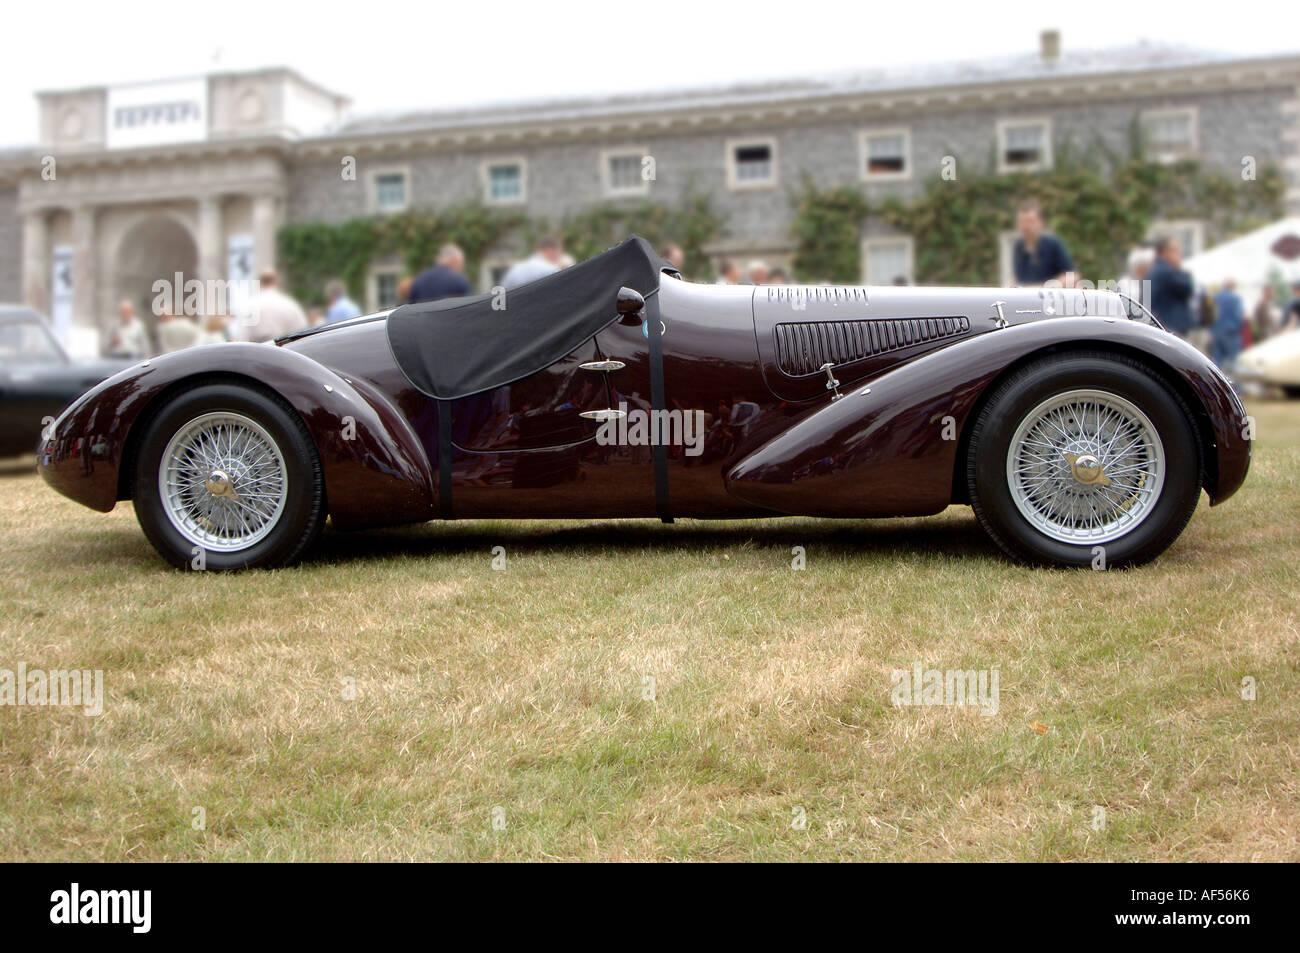 1938-alfa-romeo-6c-2300b-mille-af56k6.jp